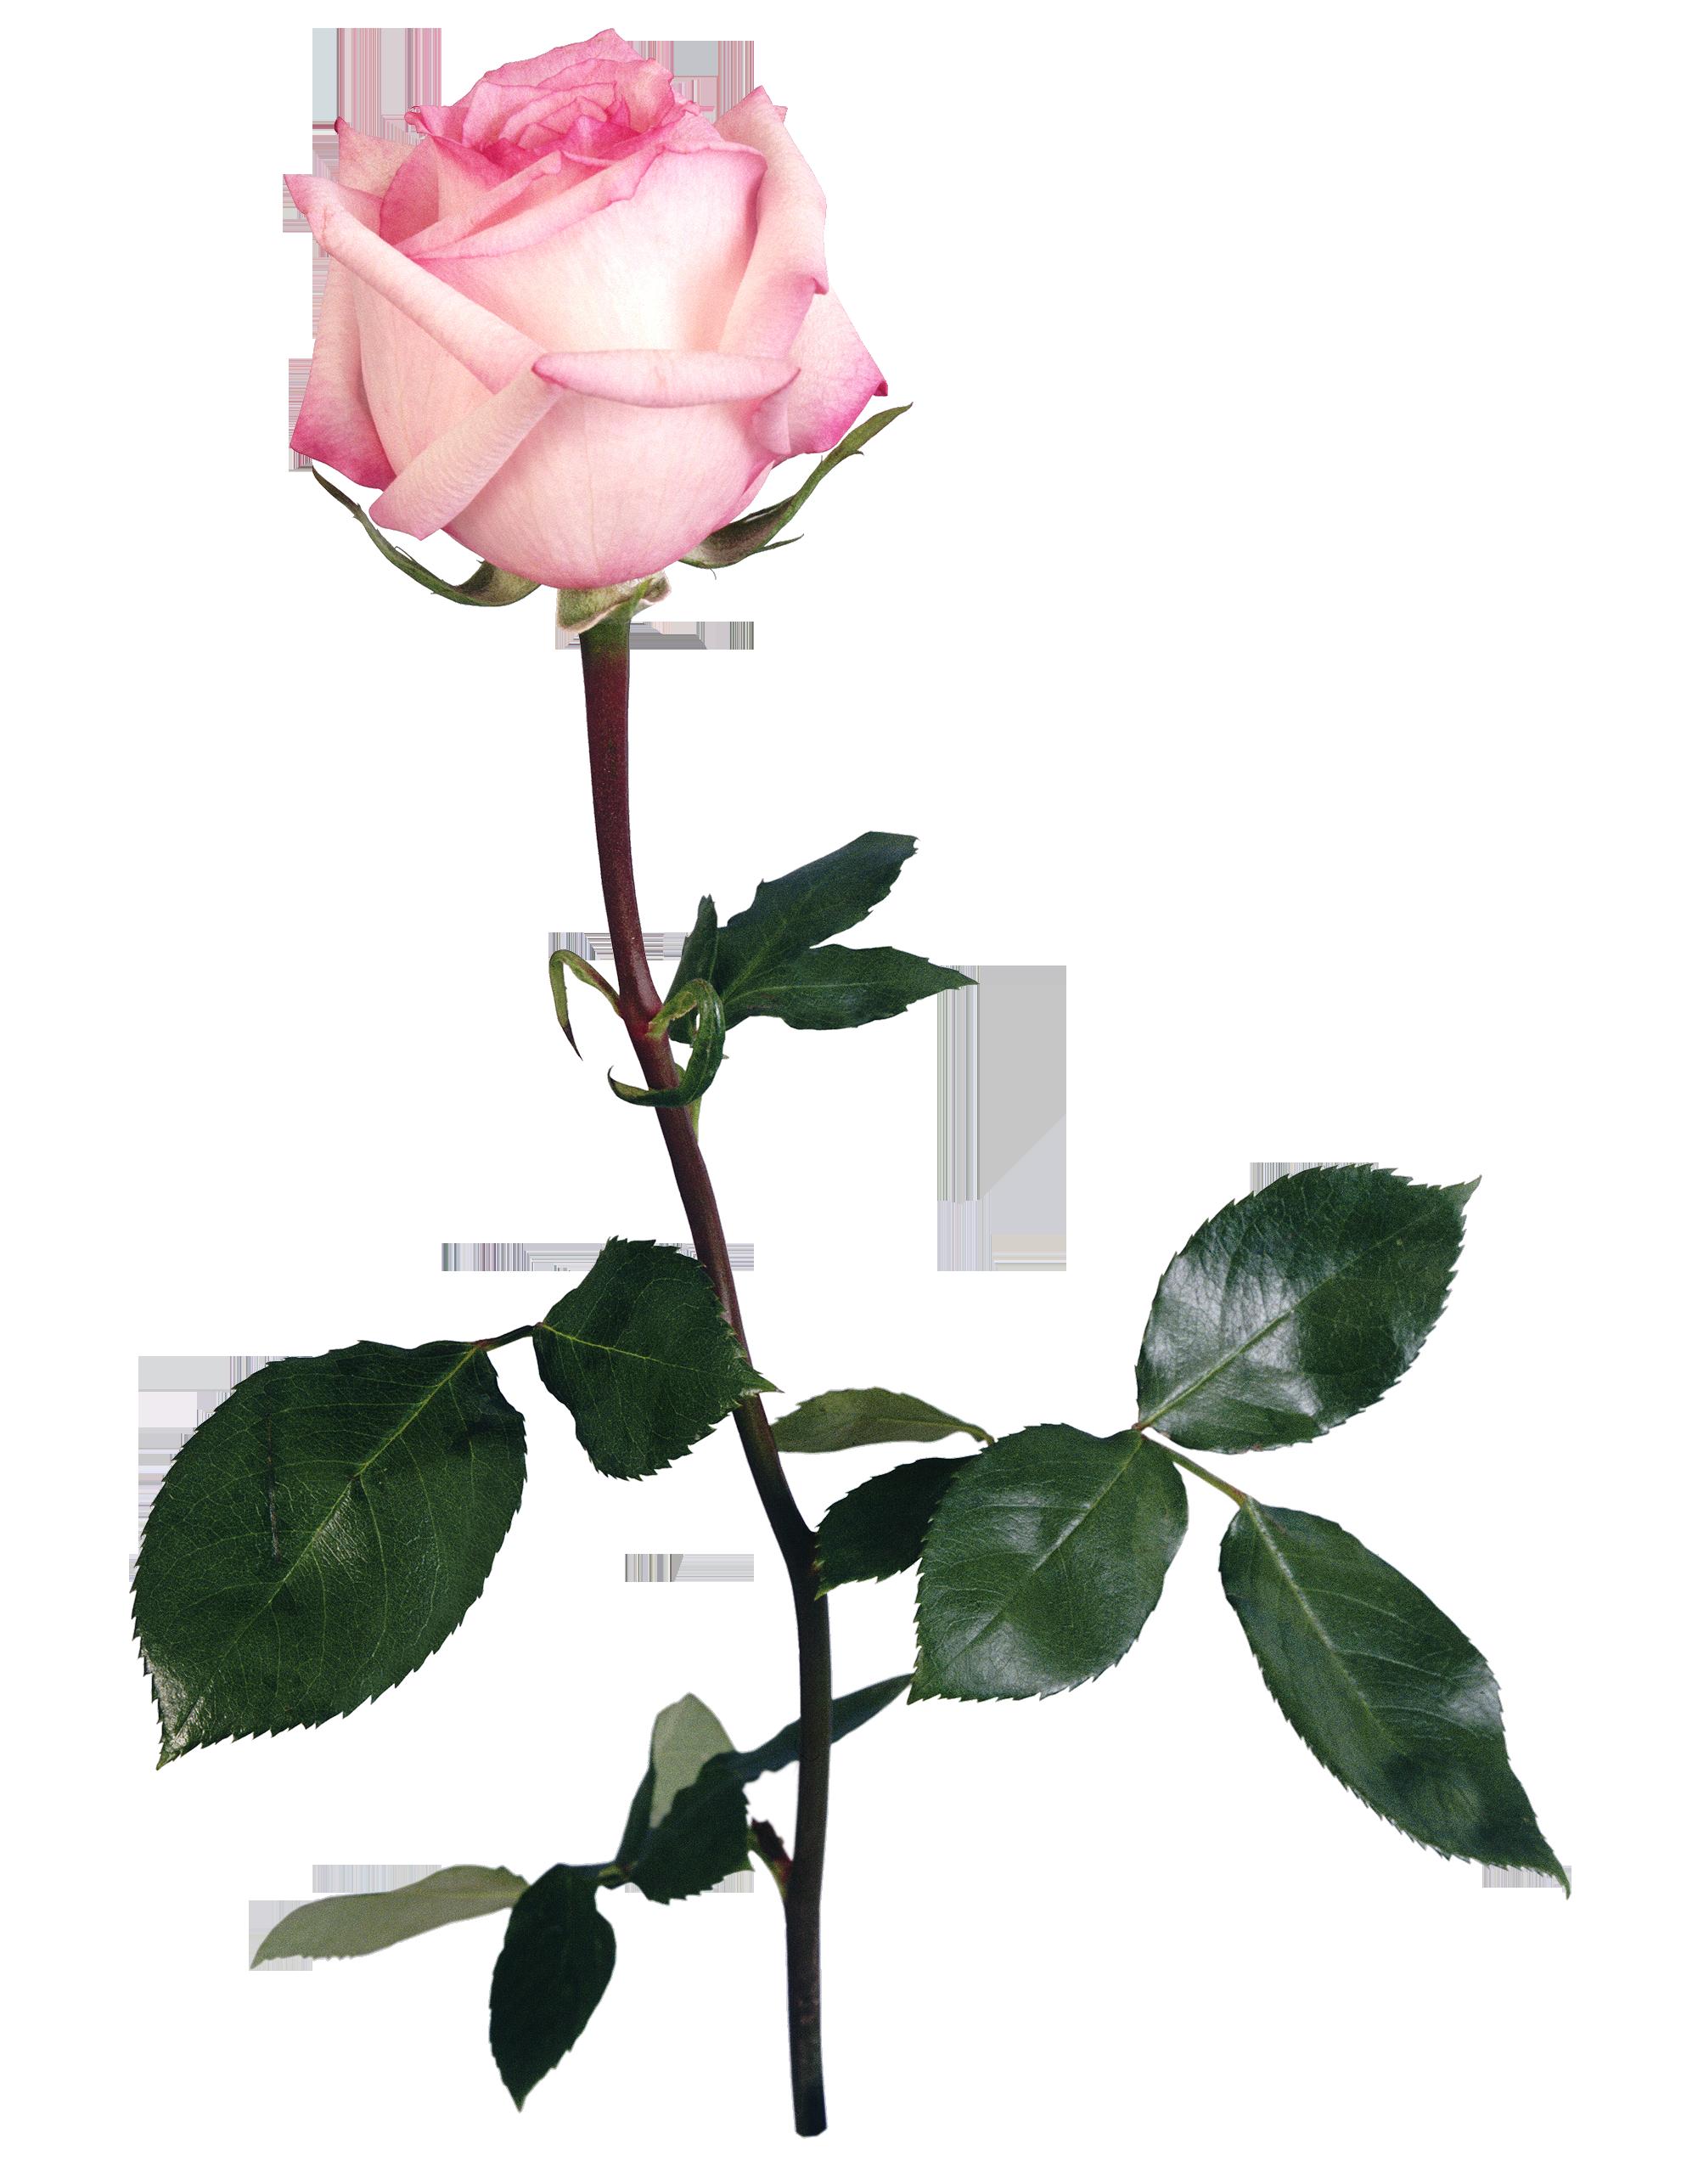 UNRESTRICTED - Flower 5 by frozenstocks